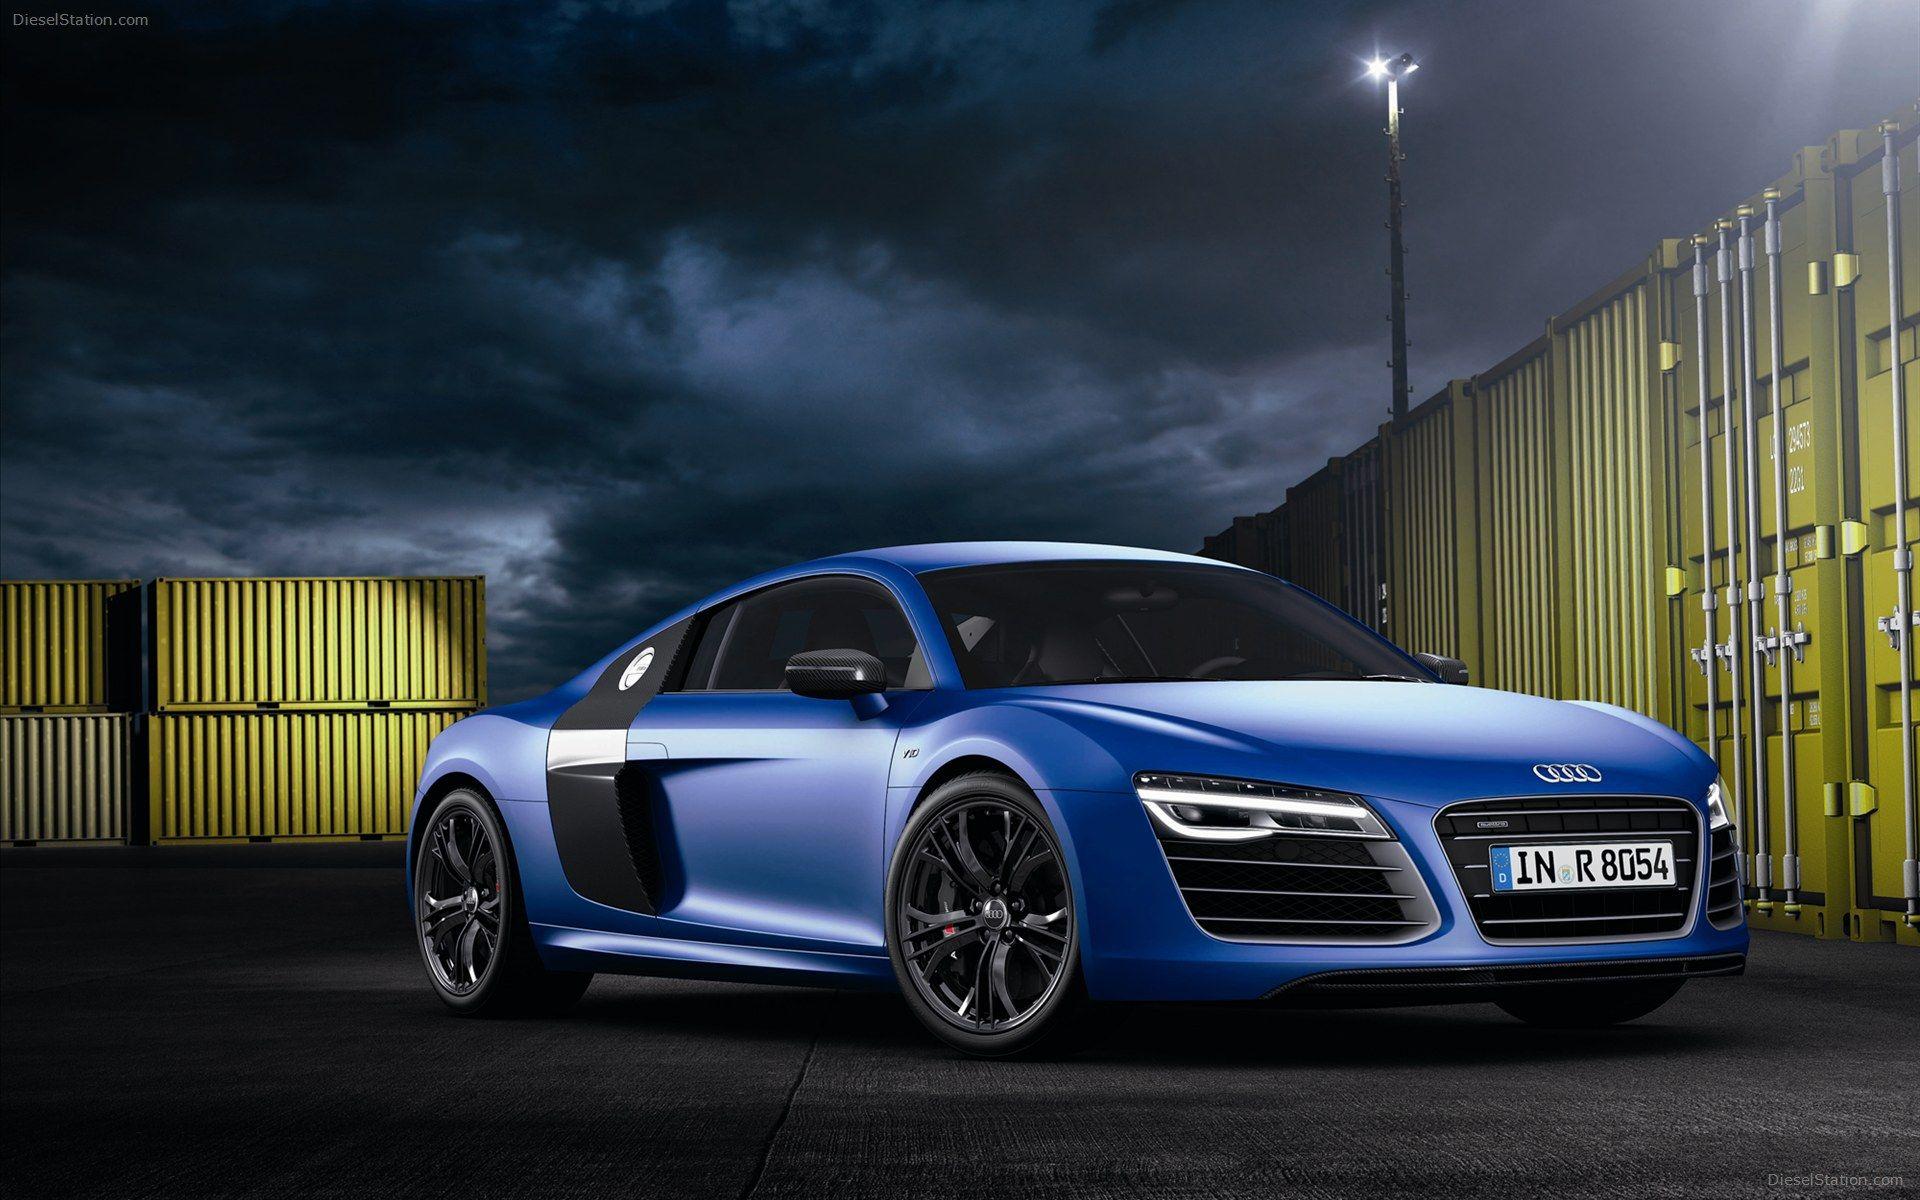 Audi R8 V10 Plus, Audi R8 Wallpaper, R8 V10 Plus